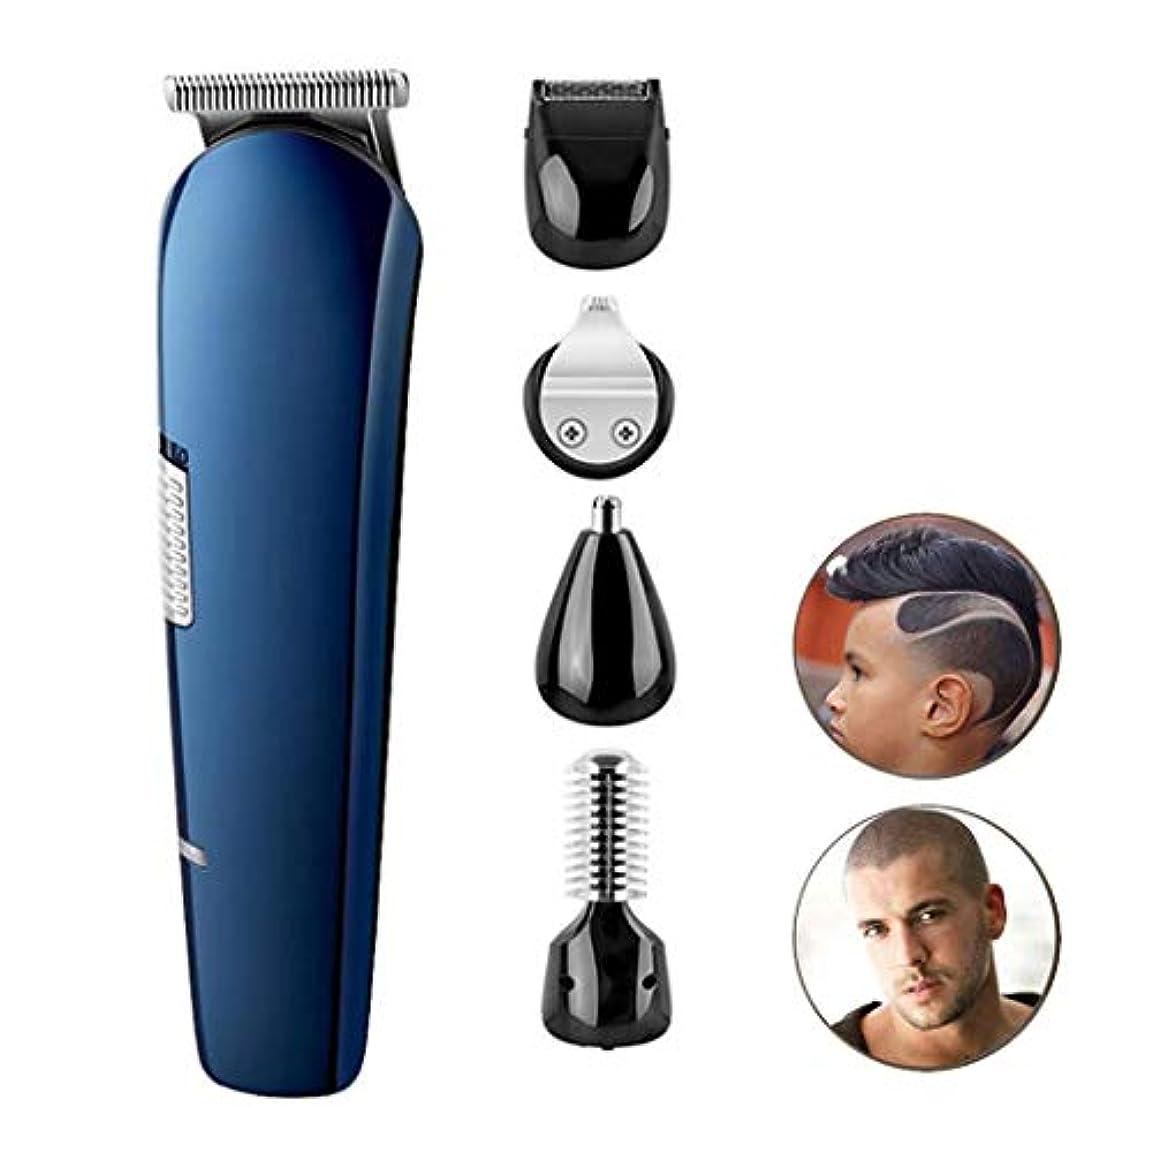 把握国家シーボードバリカンクリップNのトリムの毛クリッパーメンズひげのトリマーコードレス再充電可能な専門の毛クリッパー